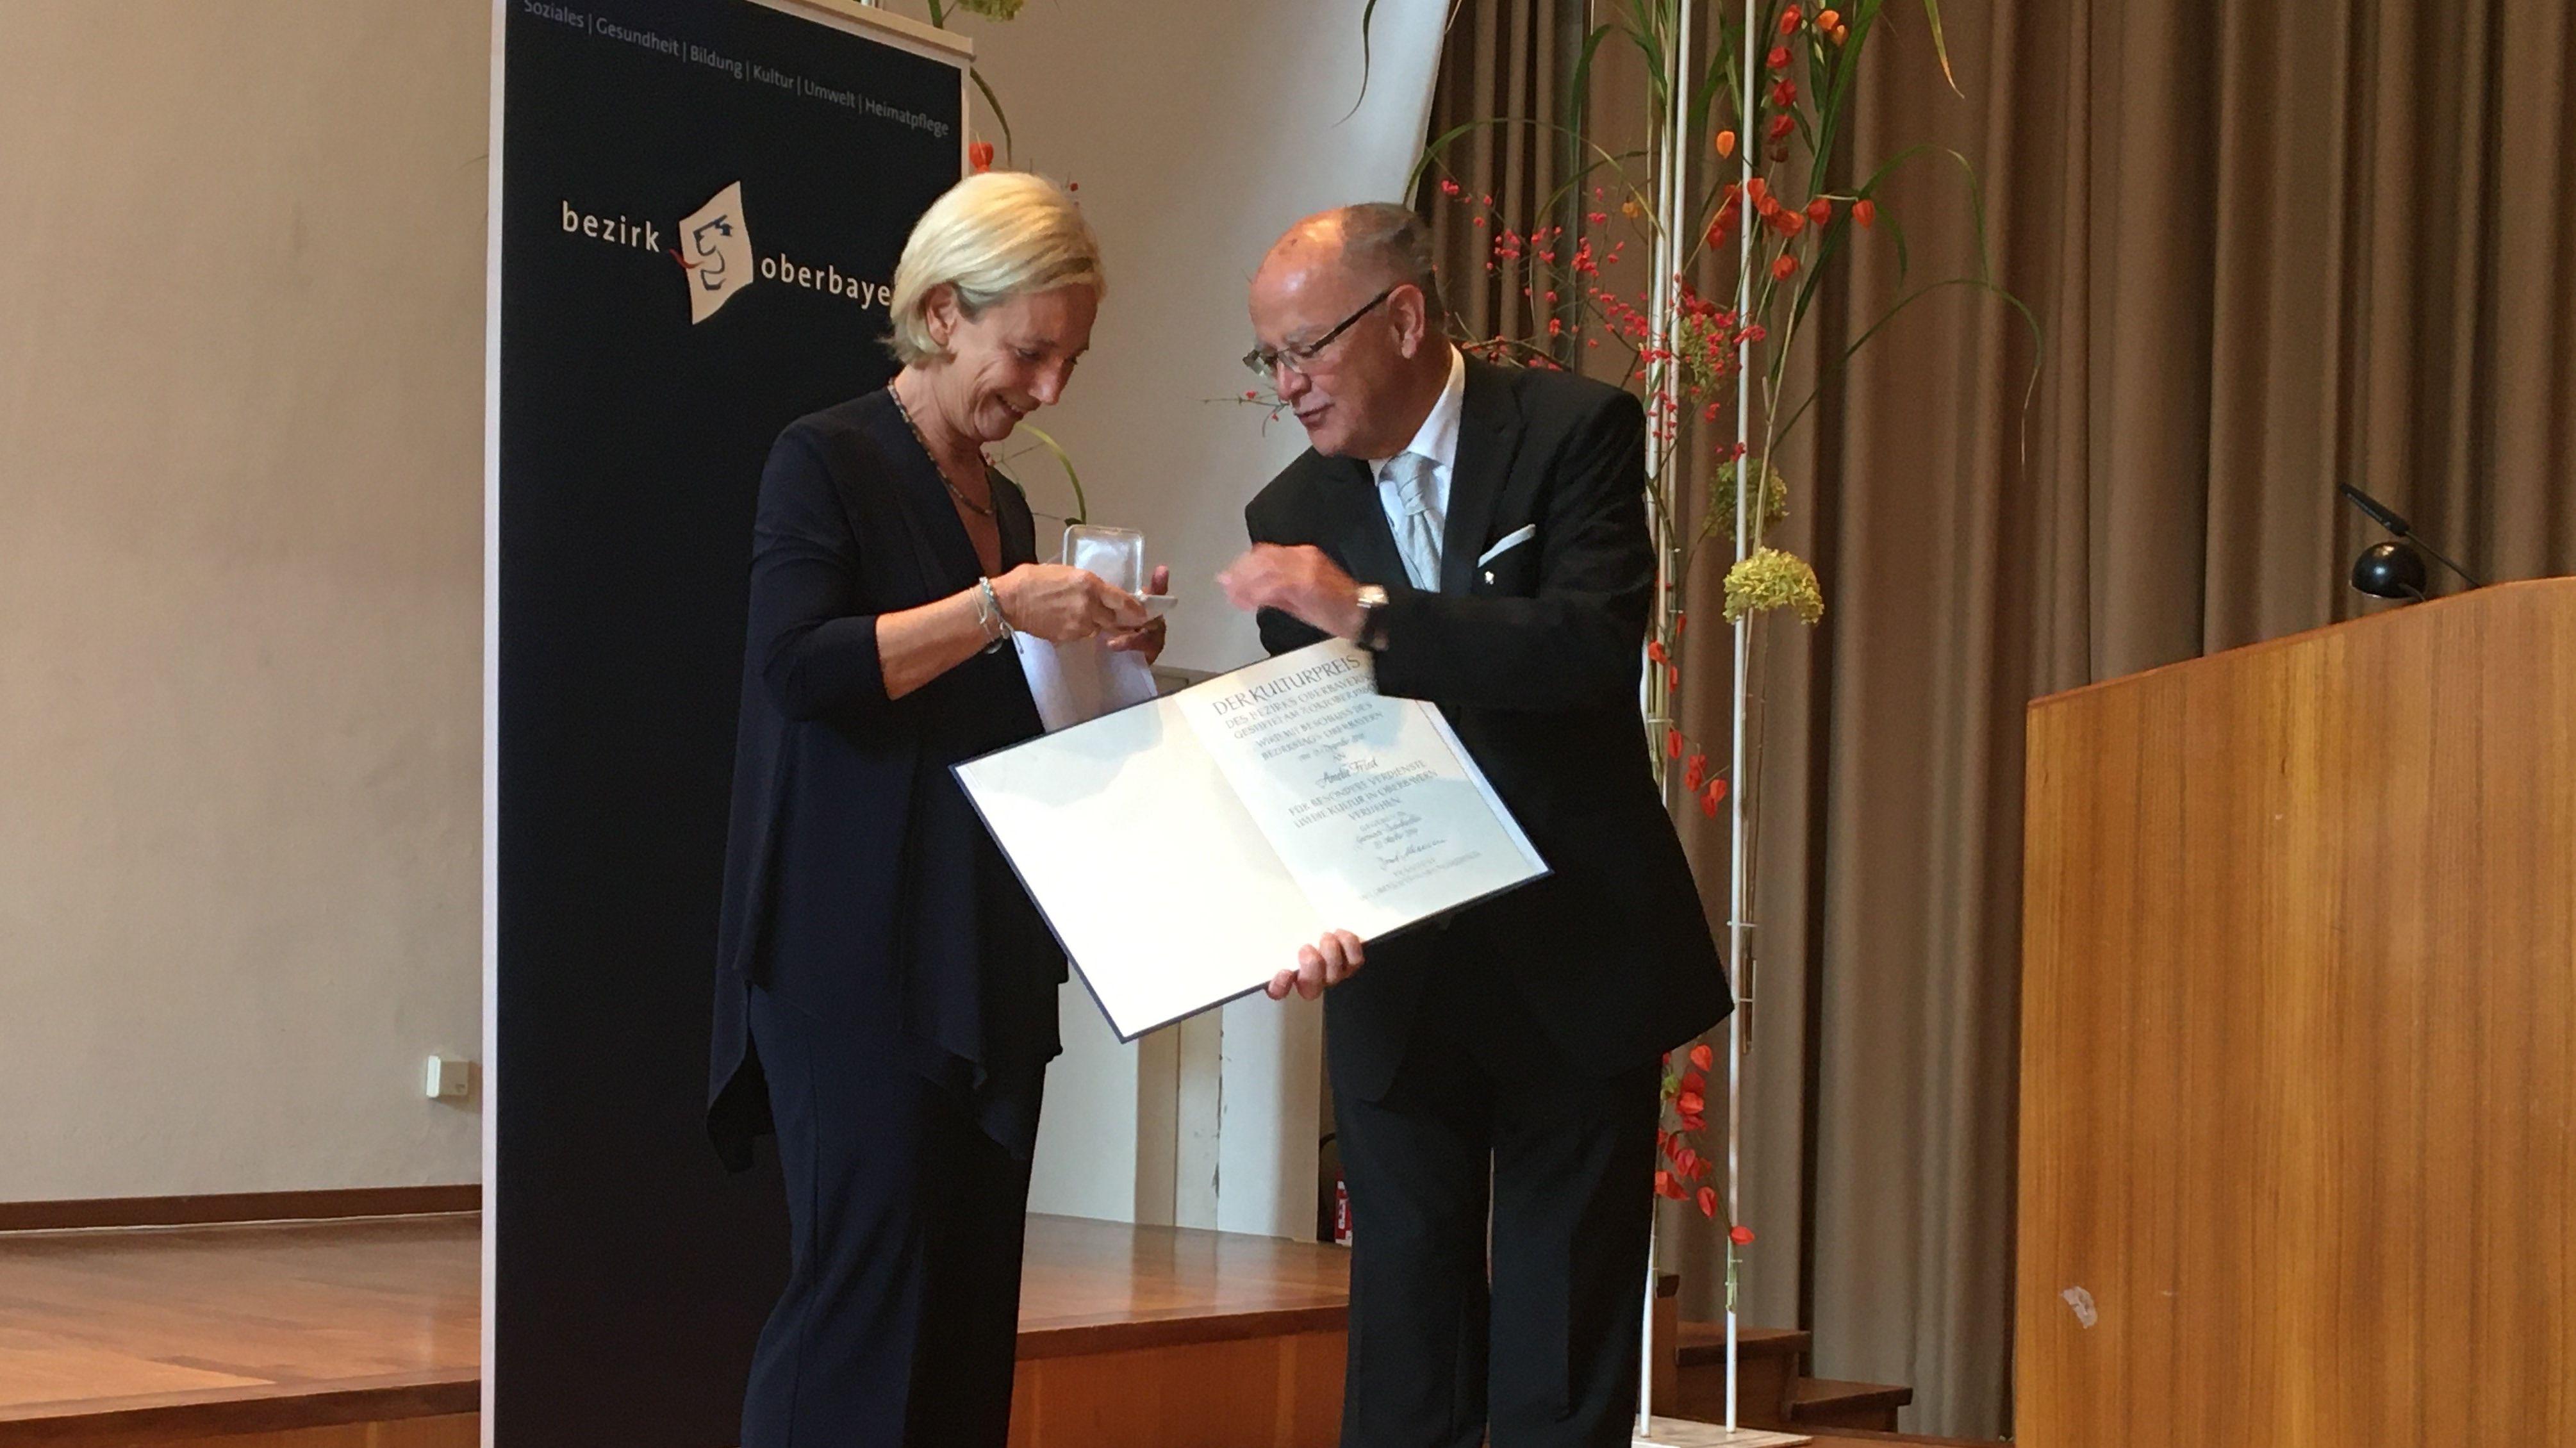 Schriftstellerin und Moderatorin Amelie Fried erhält den Oberbayerischen Kulturpreis.